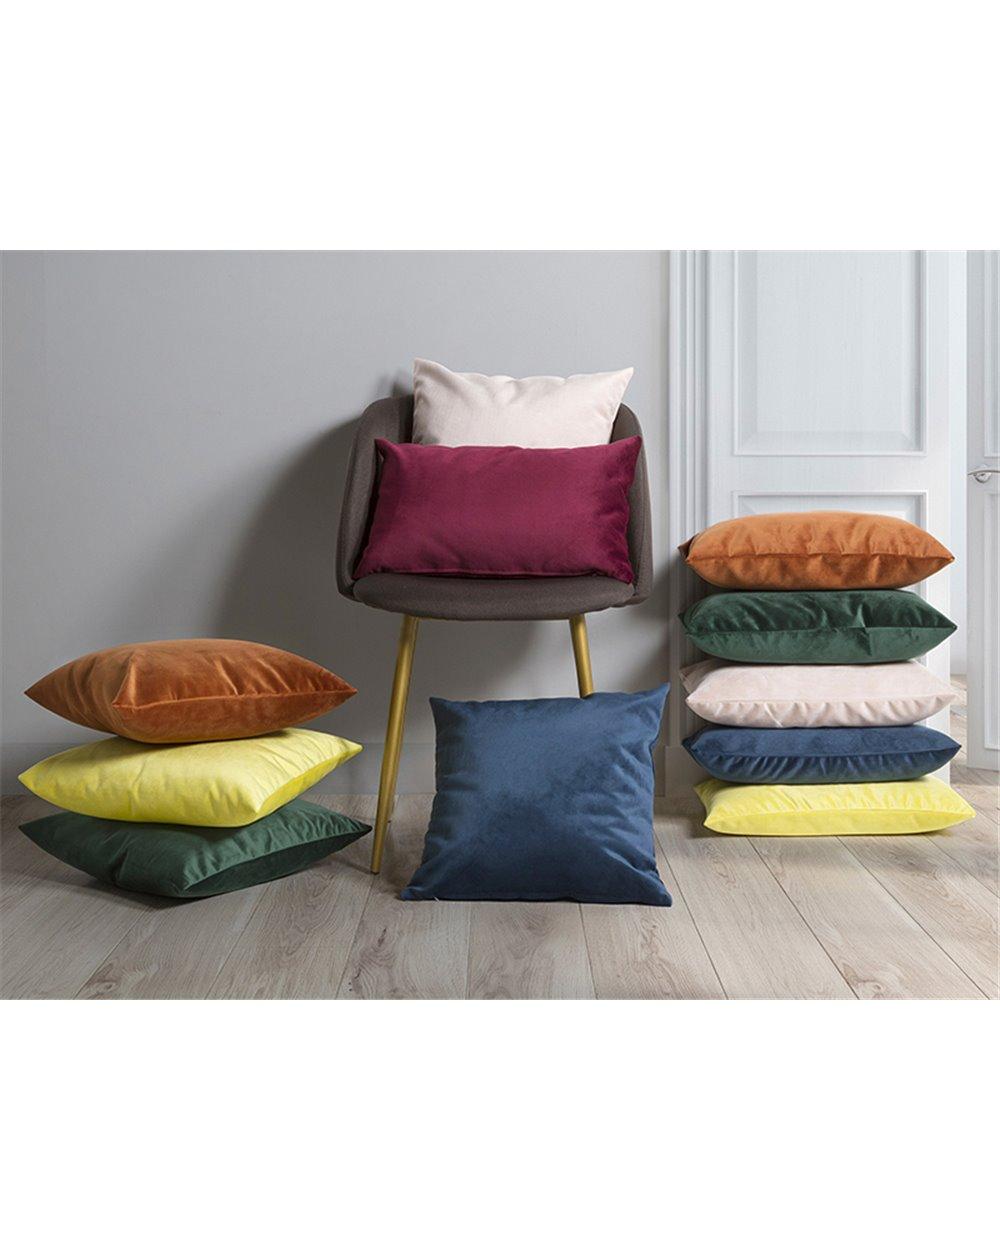 Cadeira de balanço 55 x 110 x 113 cm